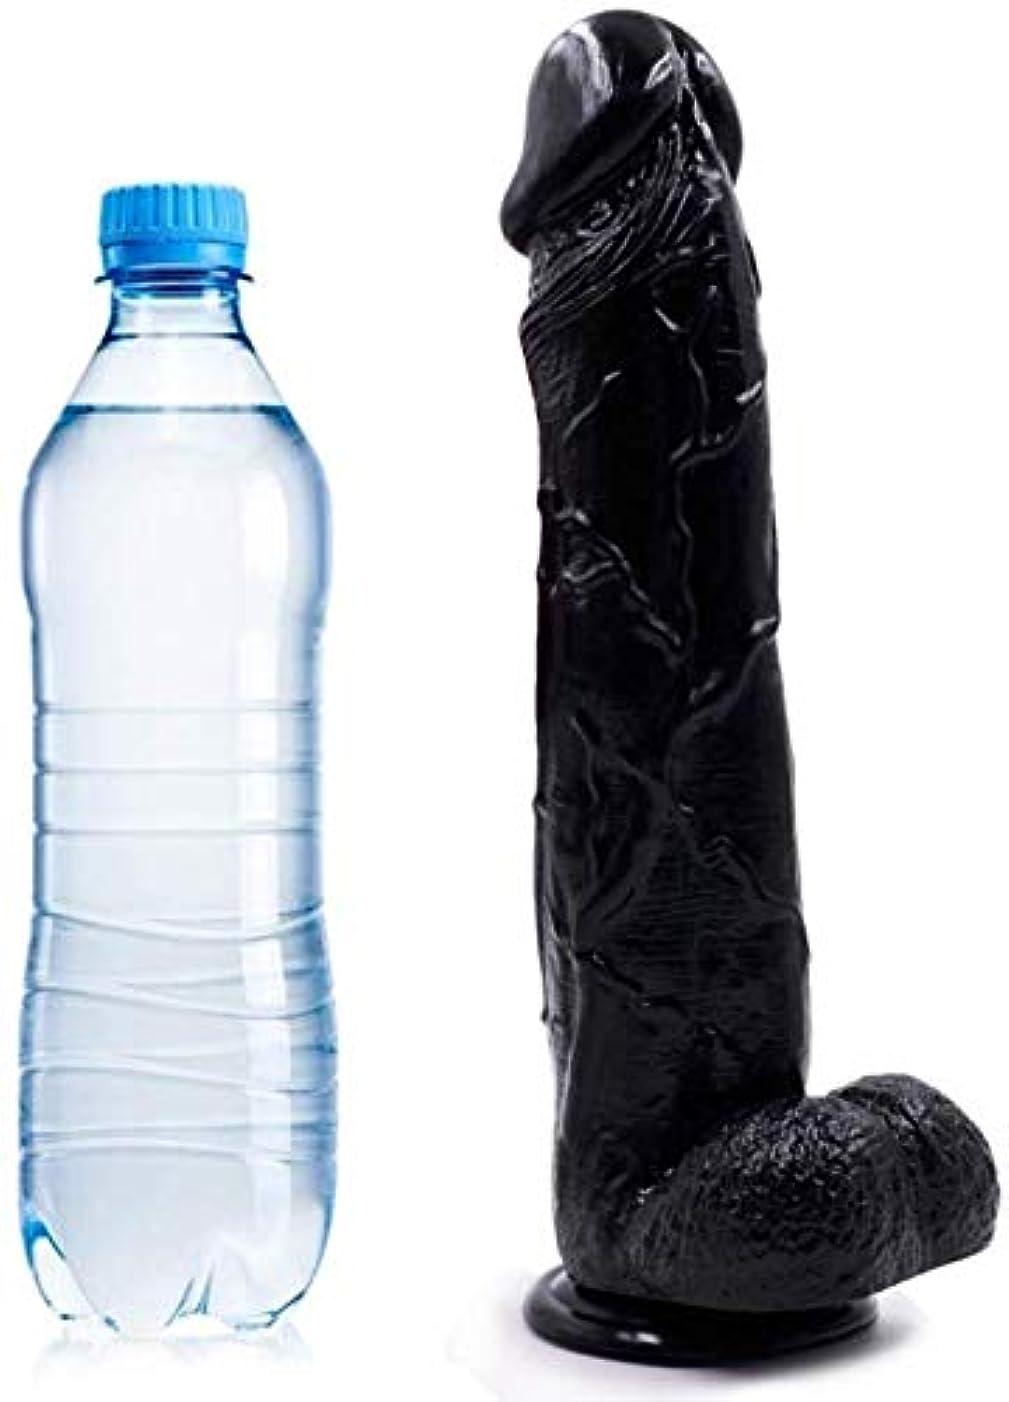 権限テクニカルスナッチ女性のサクションカップのための現実的なDìdlõš、大人のおもちゃ、M-ásságerワンド